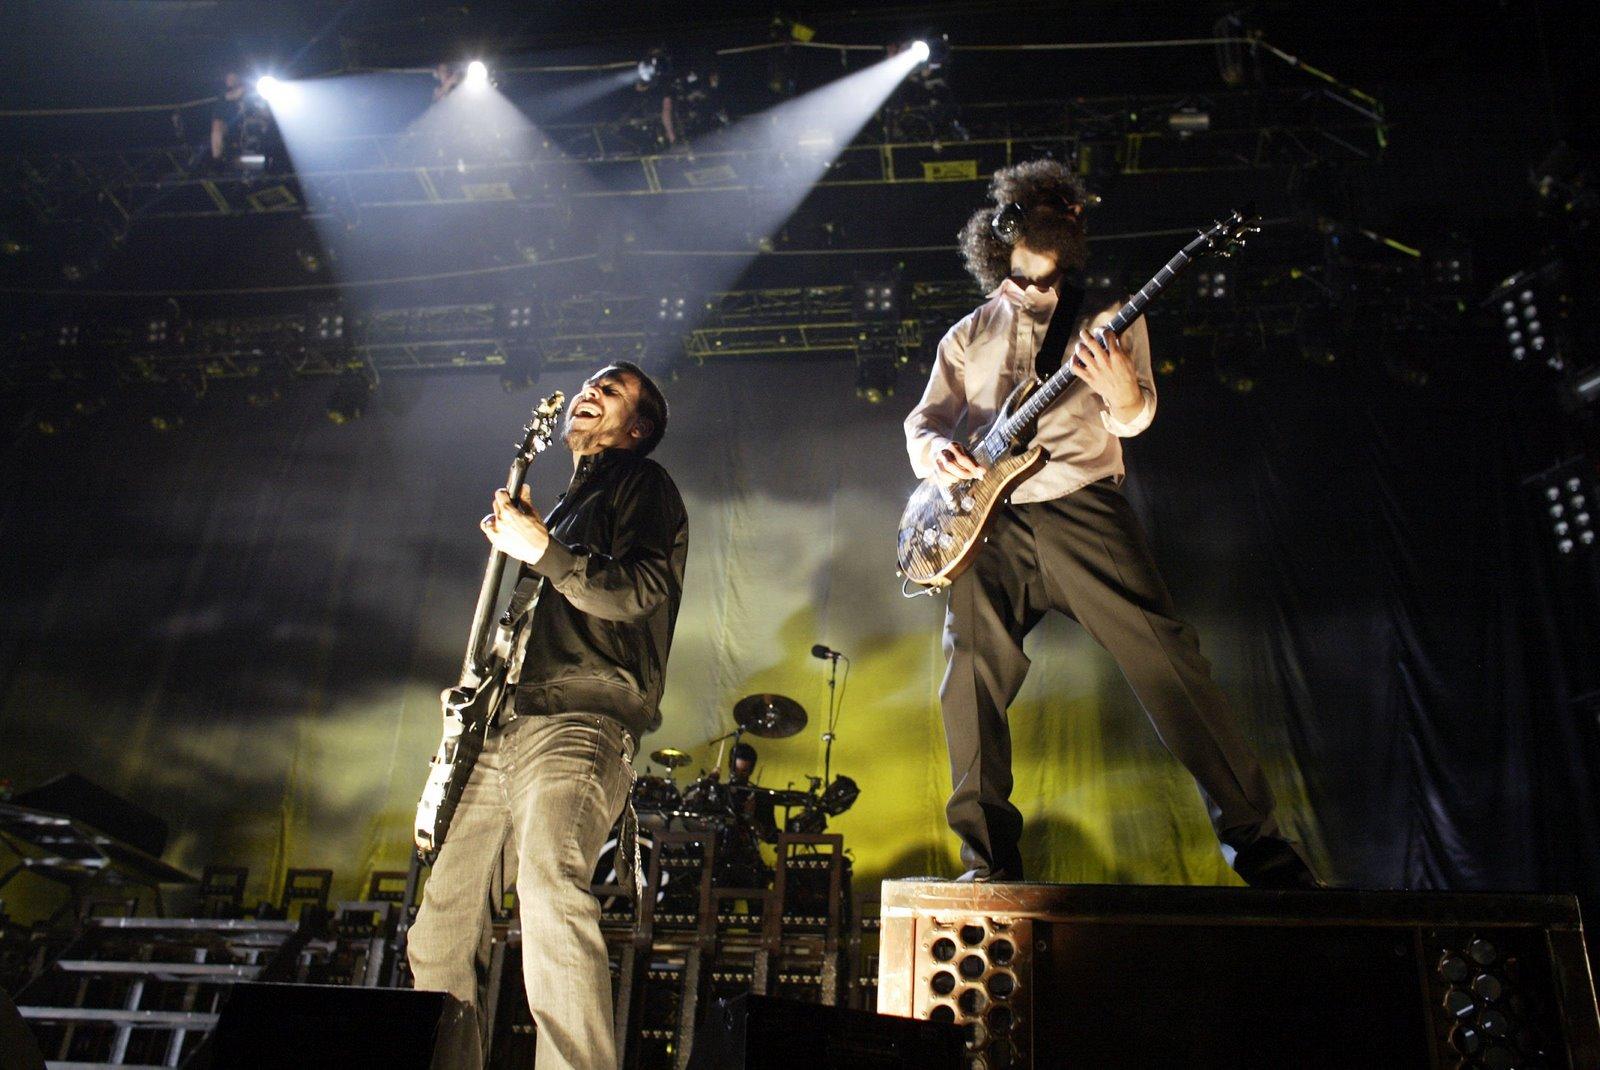 http://1.bp.blogspot.com/-H3y2XroI1GI/Toxa9Zi5lOI/AAAAAAAABOE/YBwrOzsEpsg/s1600/Linkin+Park+COncert.jpg